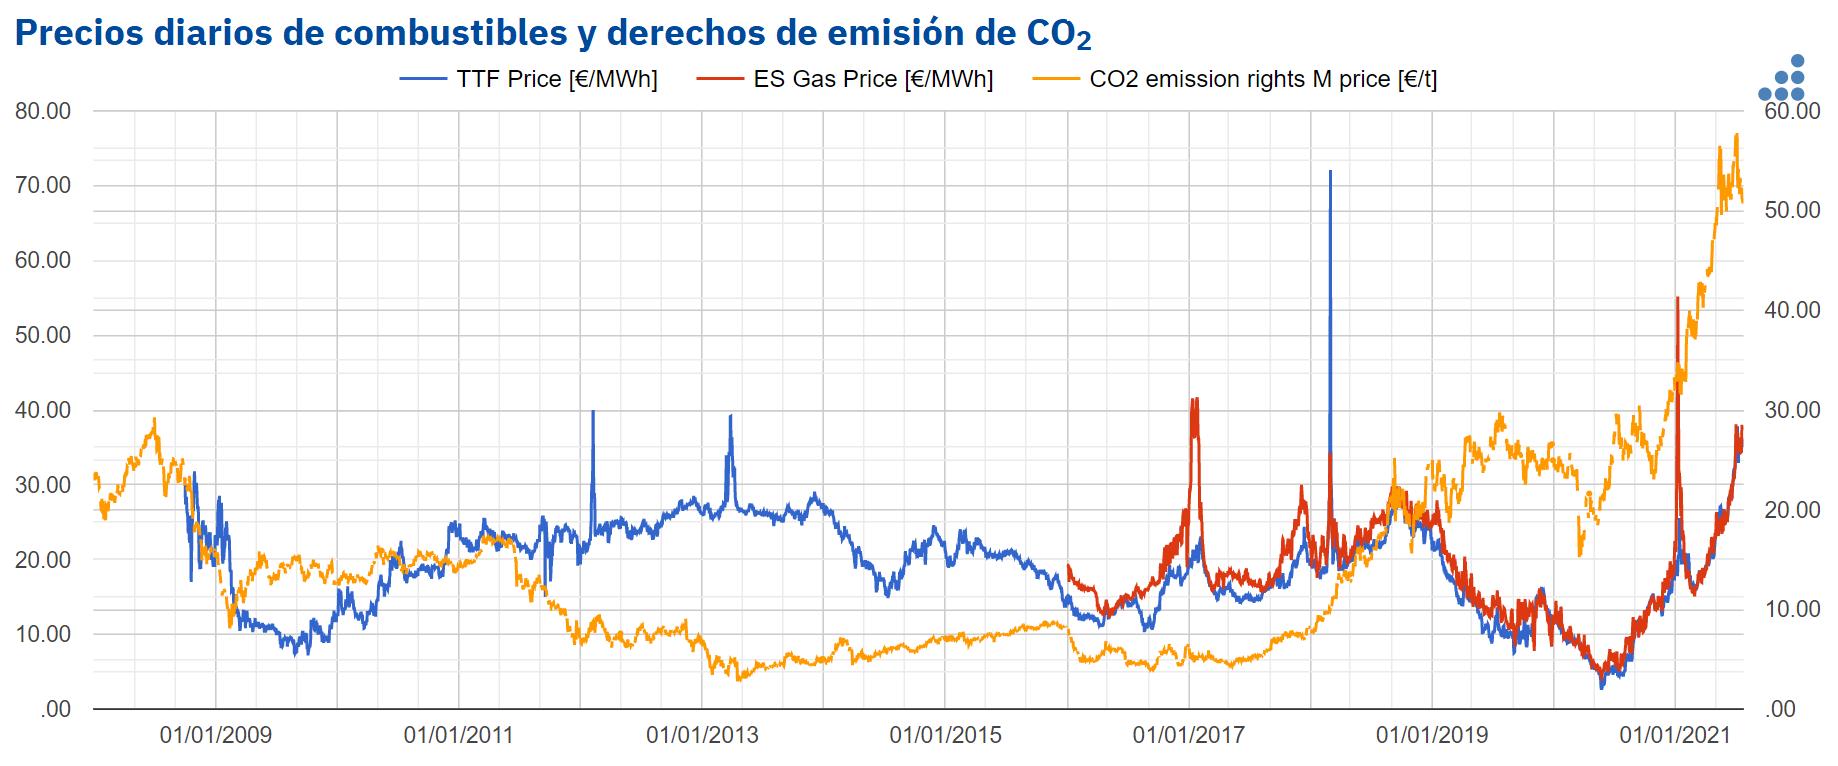 AleaSoft - precios combustibles derechos emision co2